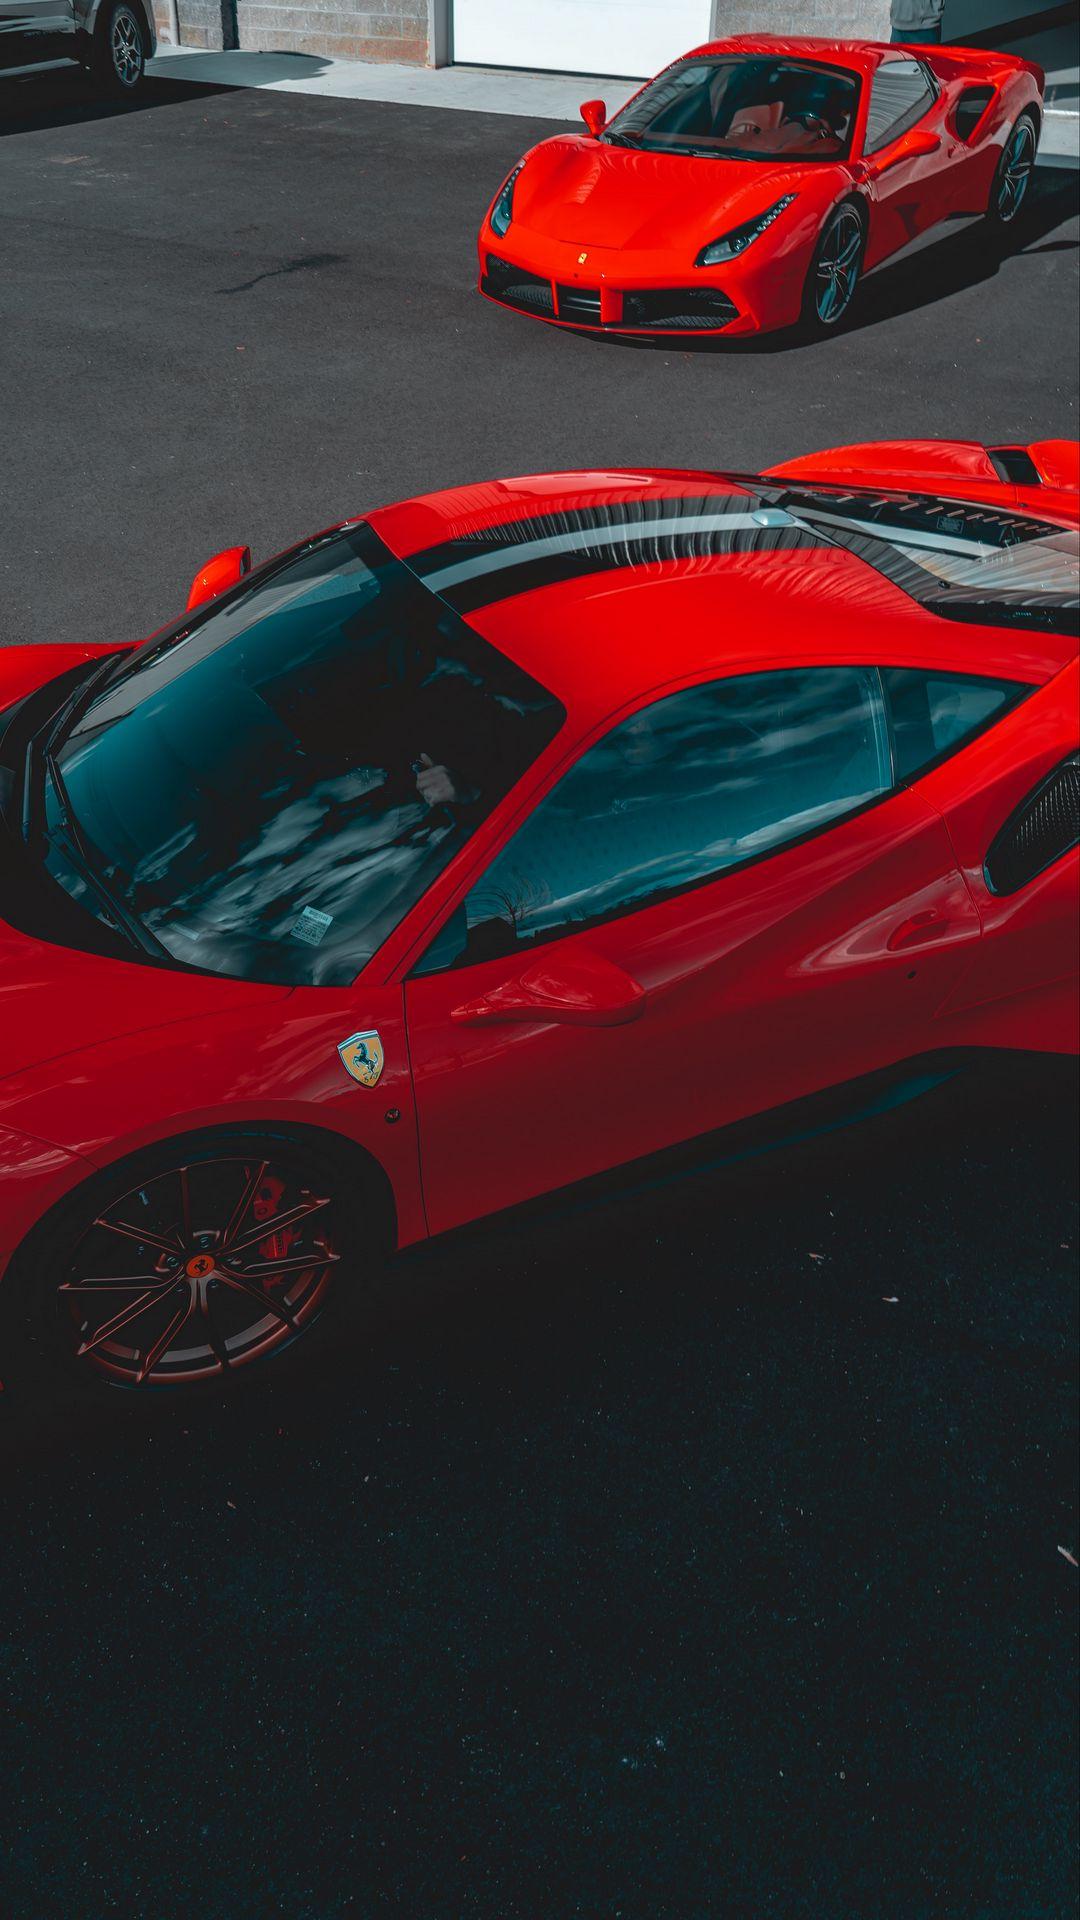 Ferrari Wallpapers Free Download